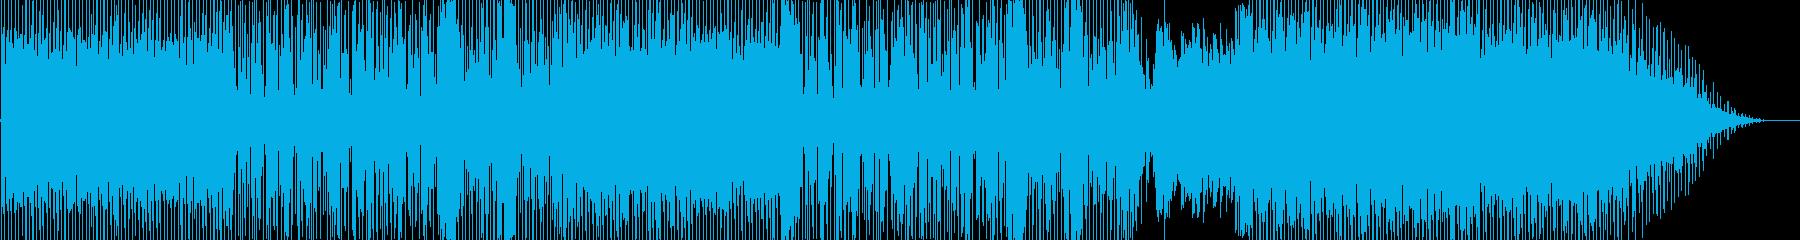 ハッピー。ポジティブ。メロディック...の再生済みの波形